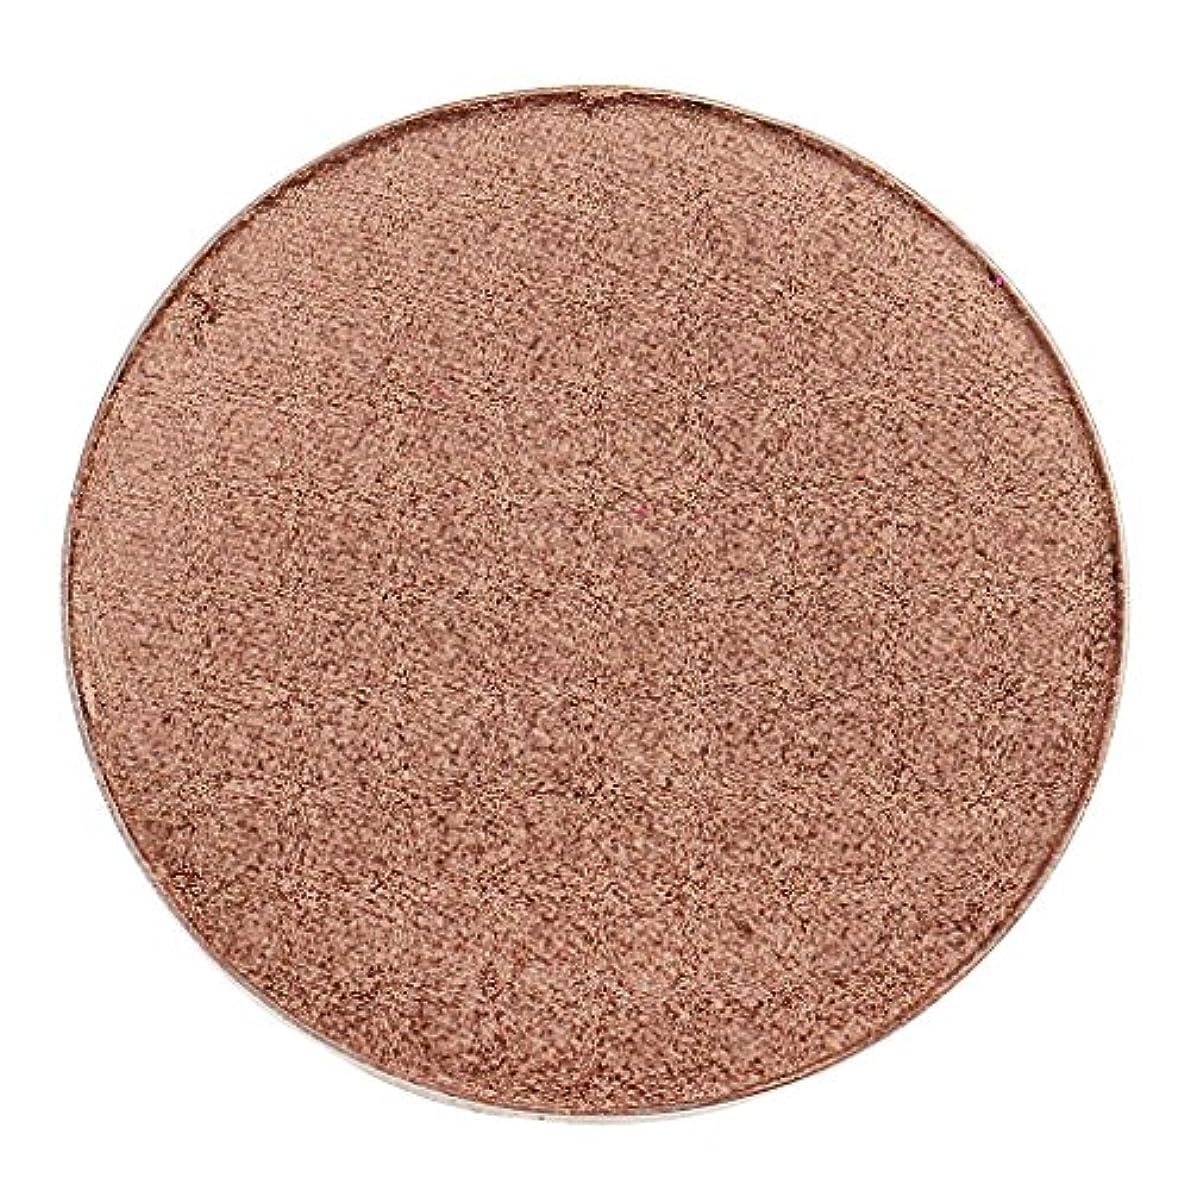 送る割合調べるキラキラアイシャドーパレット化粧アイシャドーメイクアップパウダー - #39ブラウン